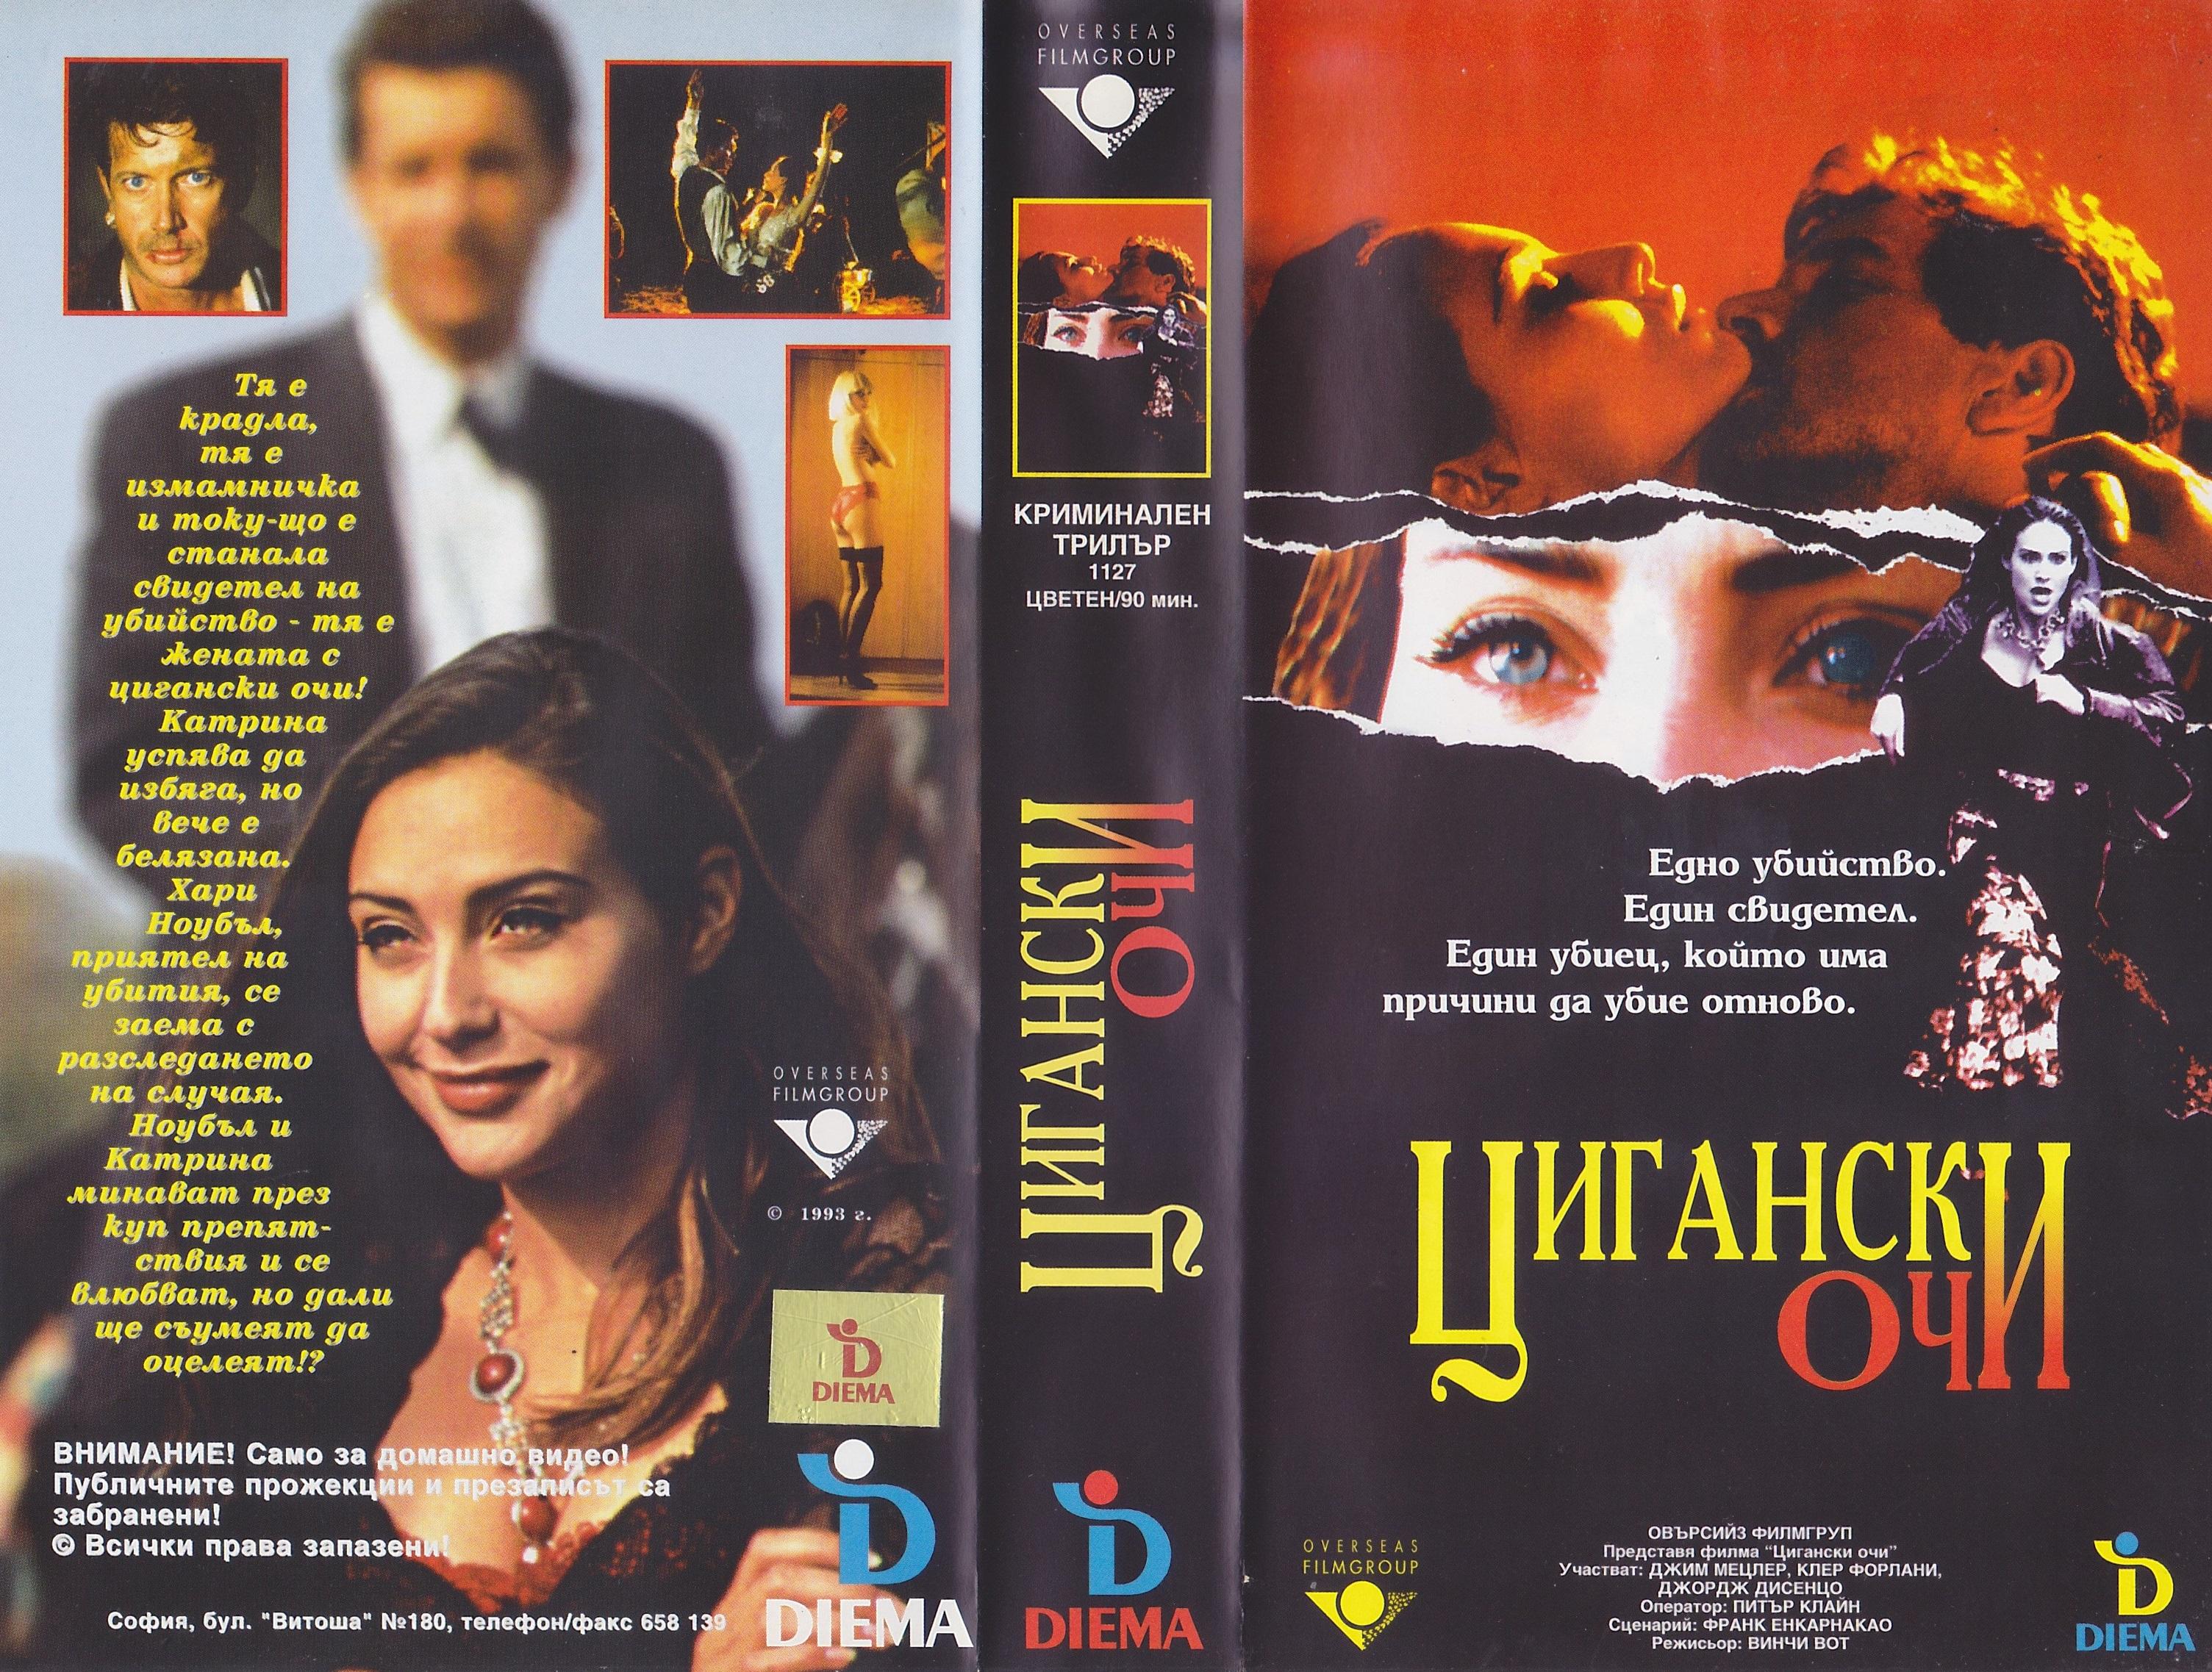 Цигански очи филм постер